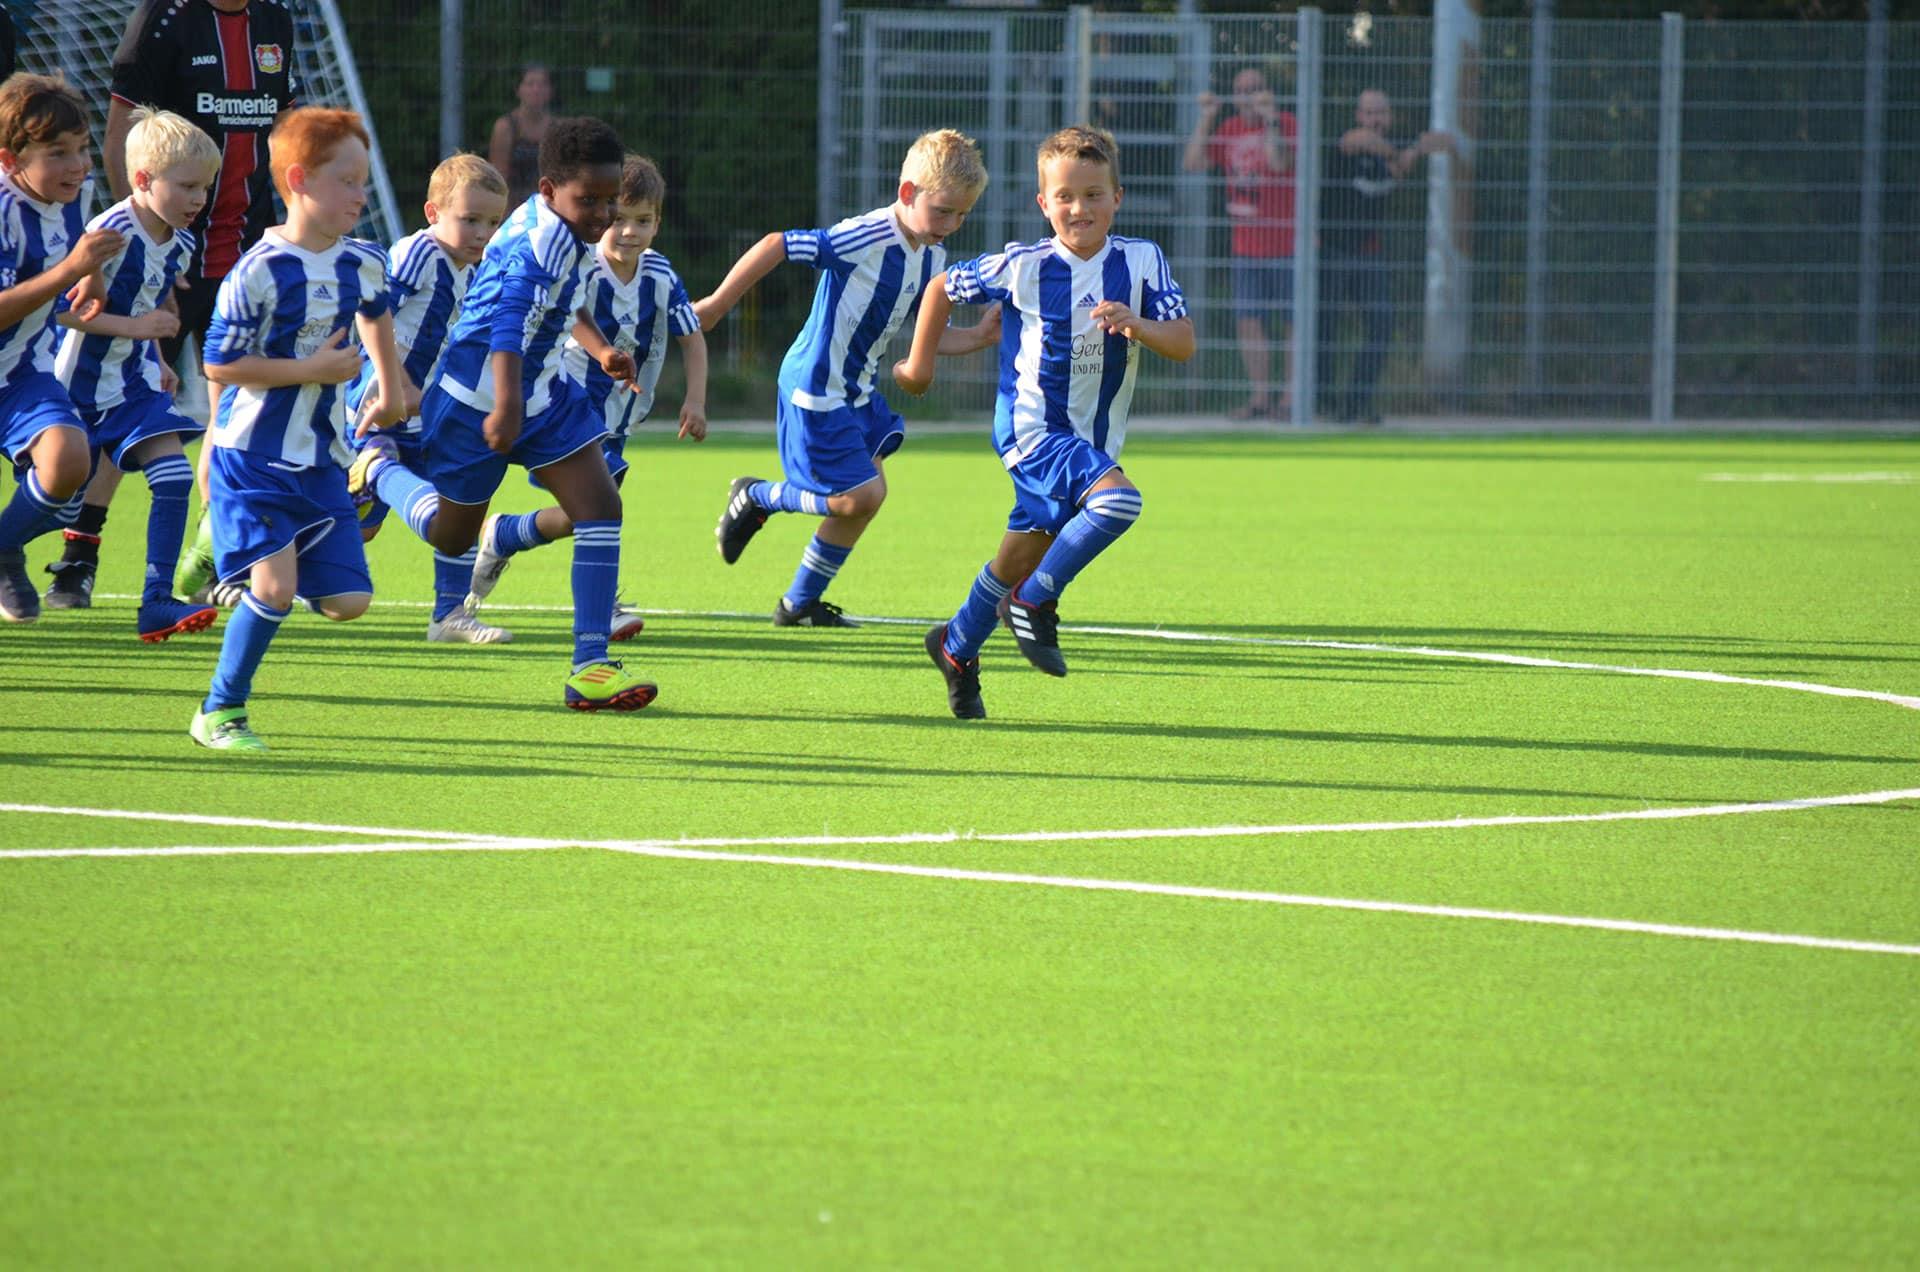 srg_sportpark_fussball_sportverein_blau_weiss_hand_bergisch_gladbach